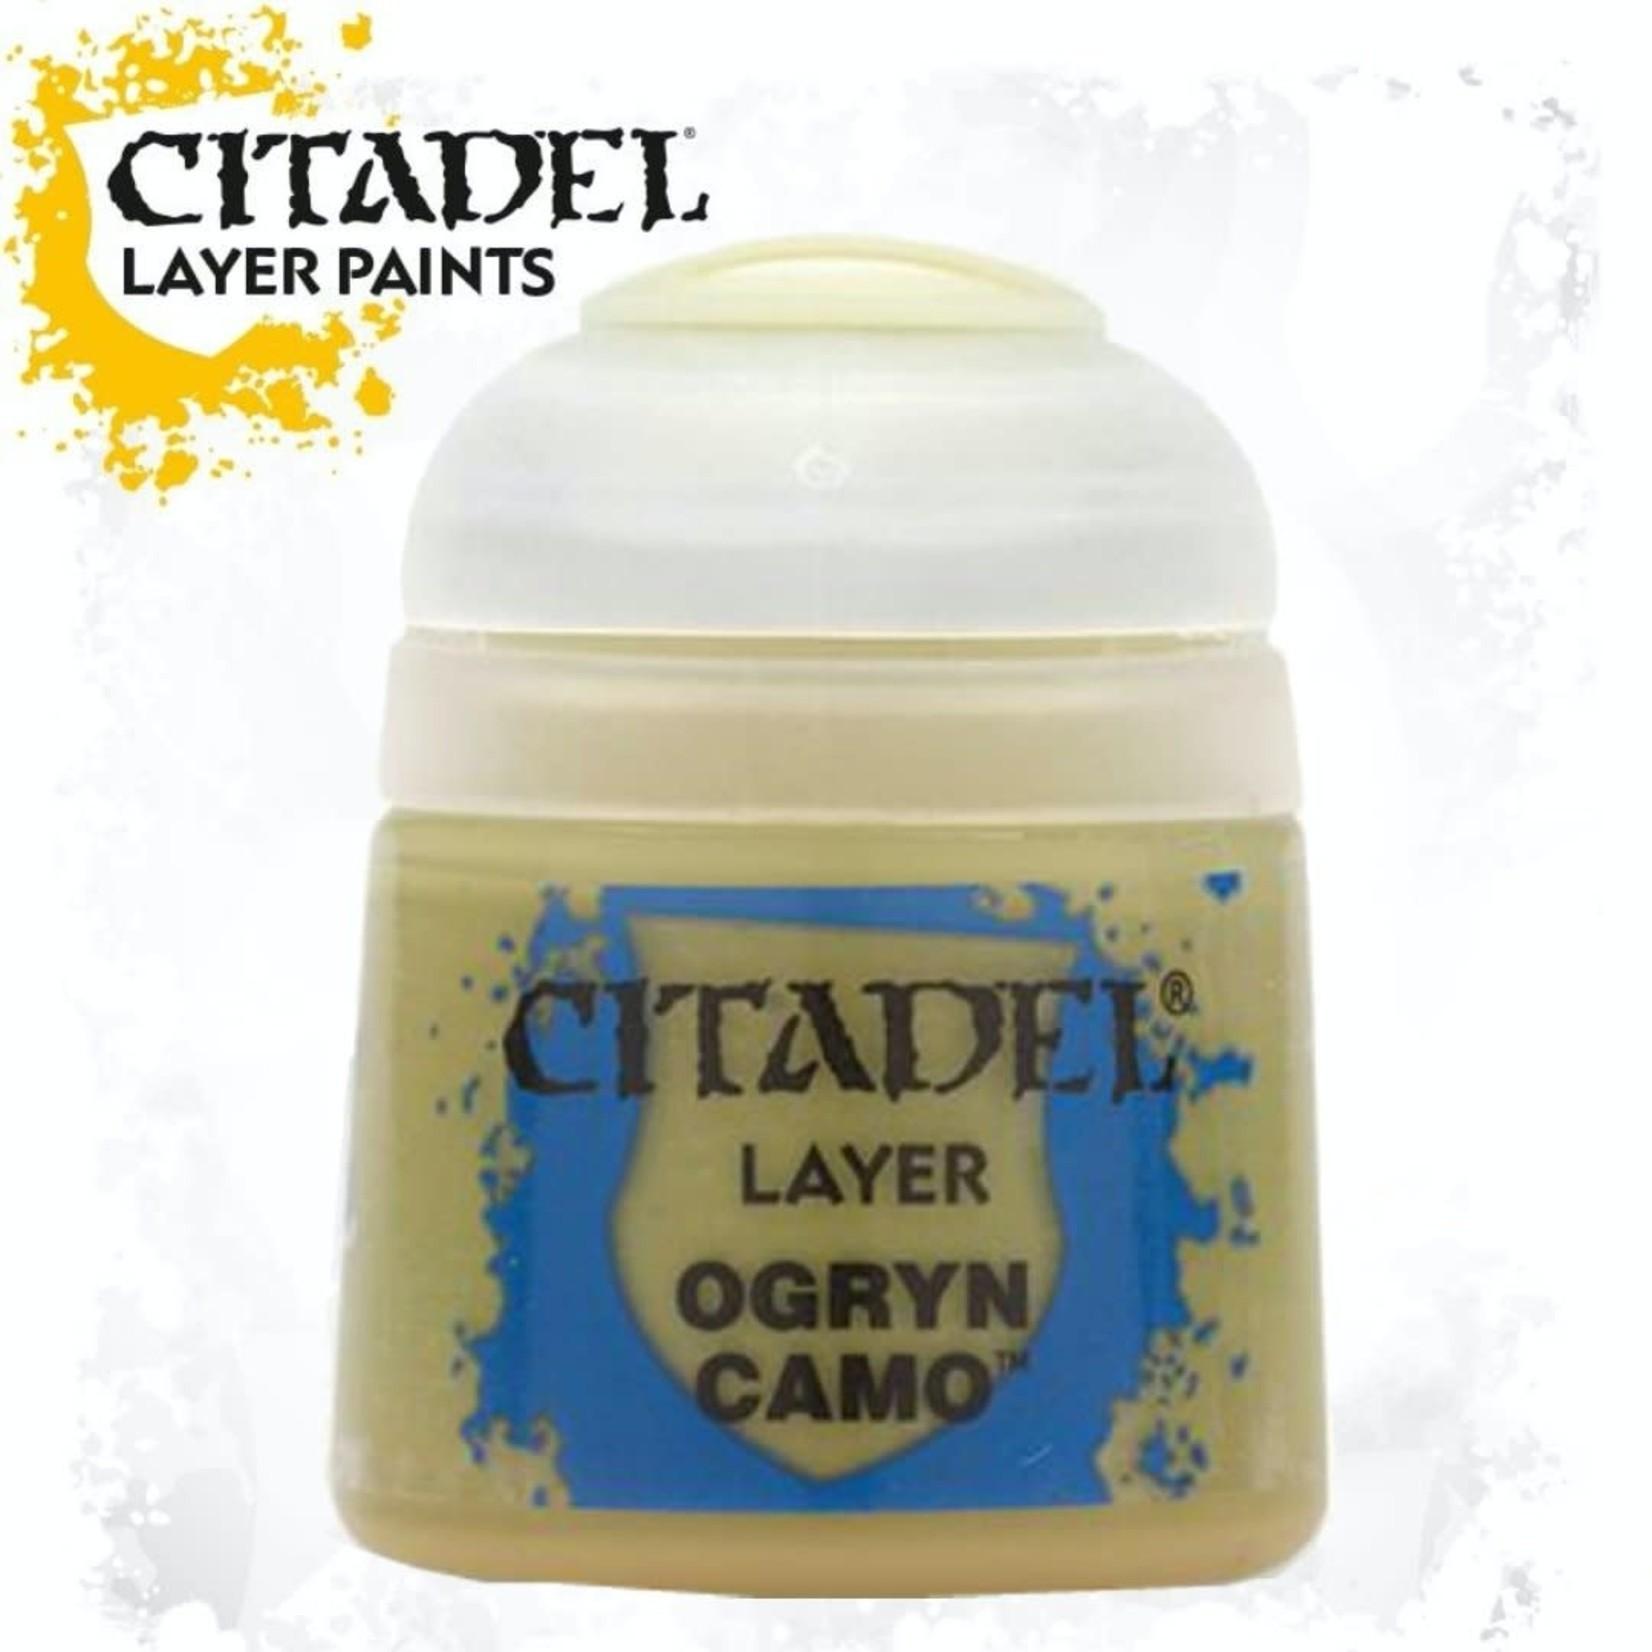 Citadel Citadel Paint - Layer: Ogryn Camo